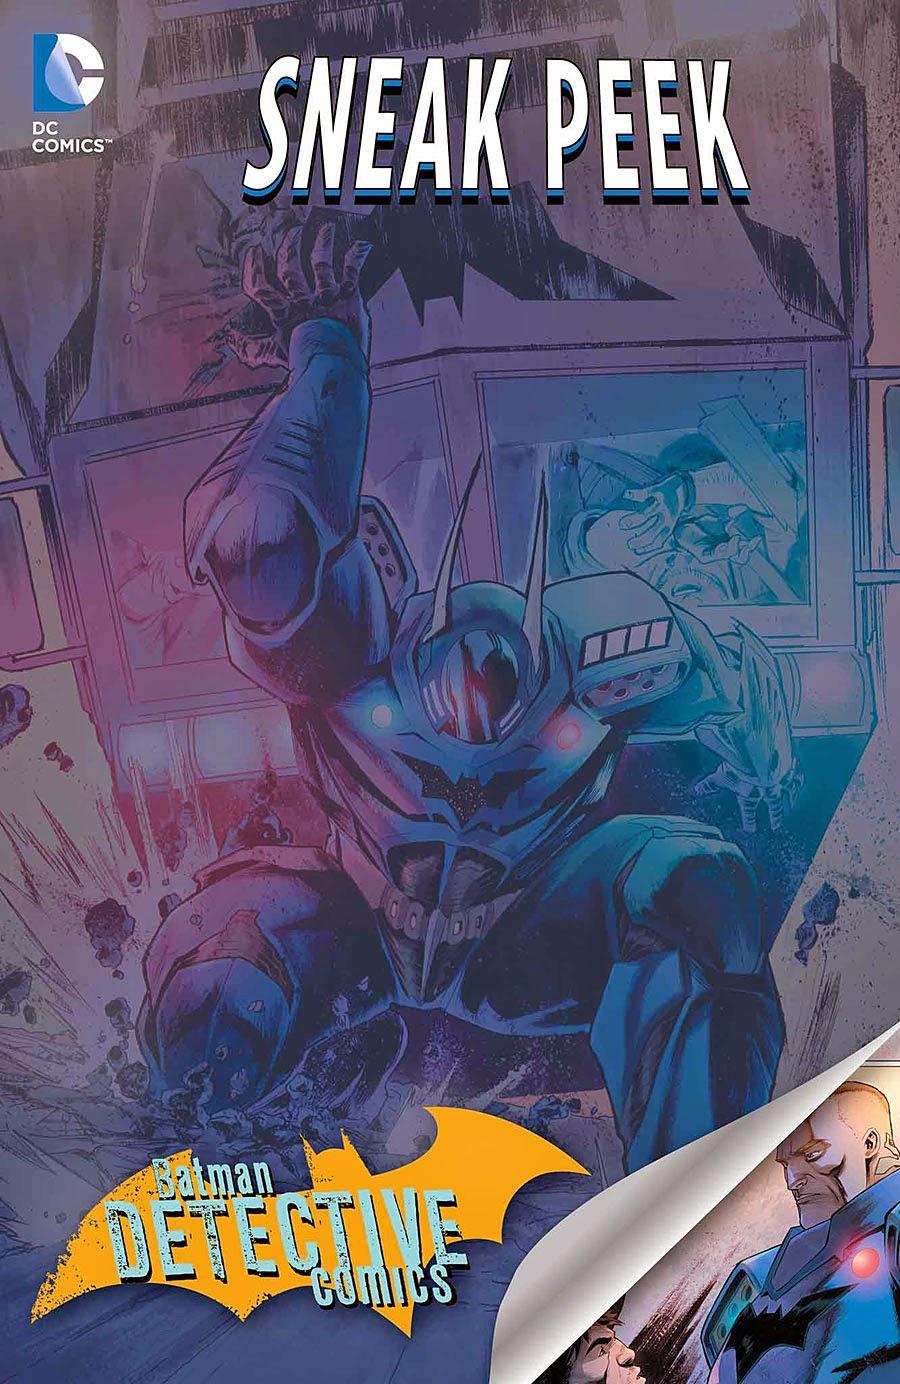 [Batman USA] - Notícias diversas do Morcego !!! - Página 2 DTC-DCSneakPeek-SFCovers-1332x2048-55490ce1c93854-19259883-9c7fd